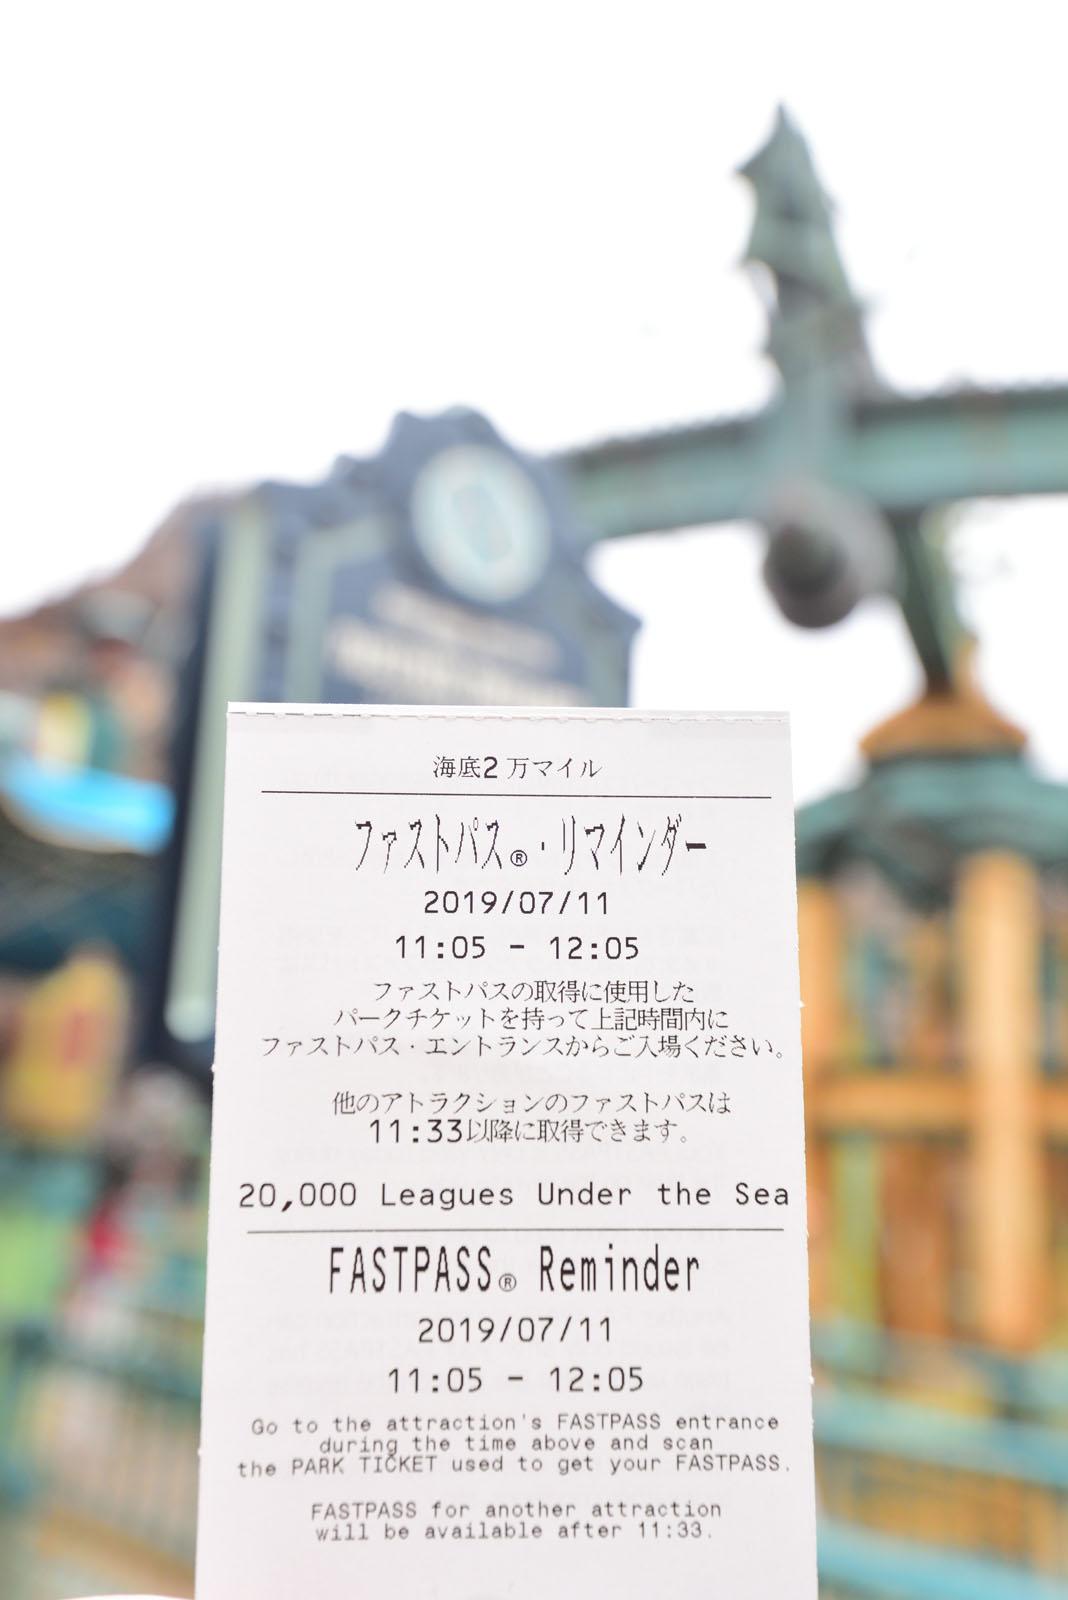 ディズニー・ファストパス デジタル・ファストパス ファストパス・リマインダー